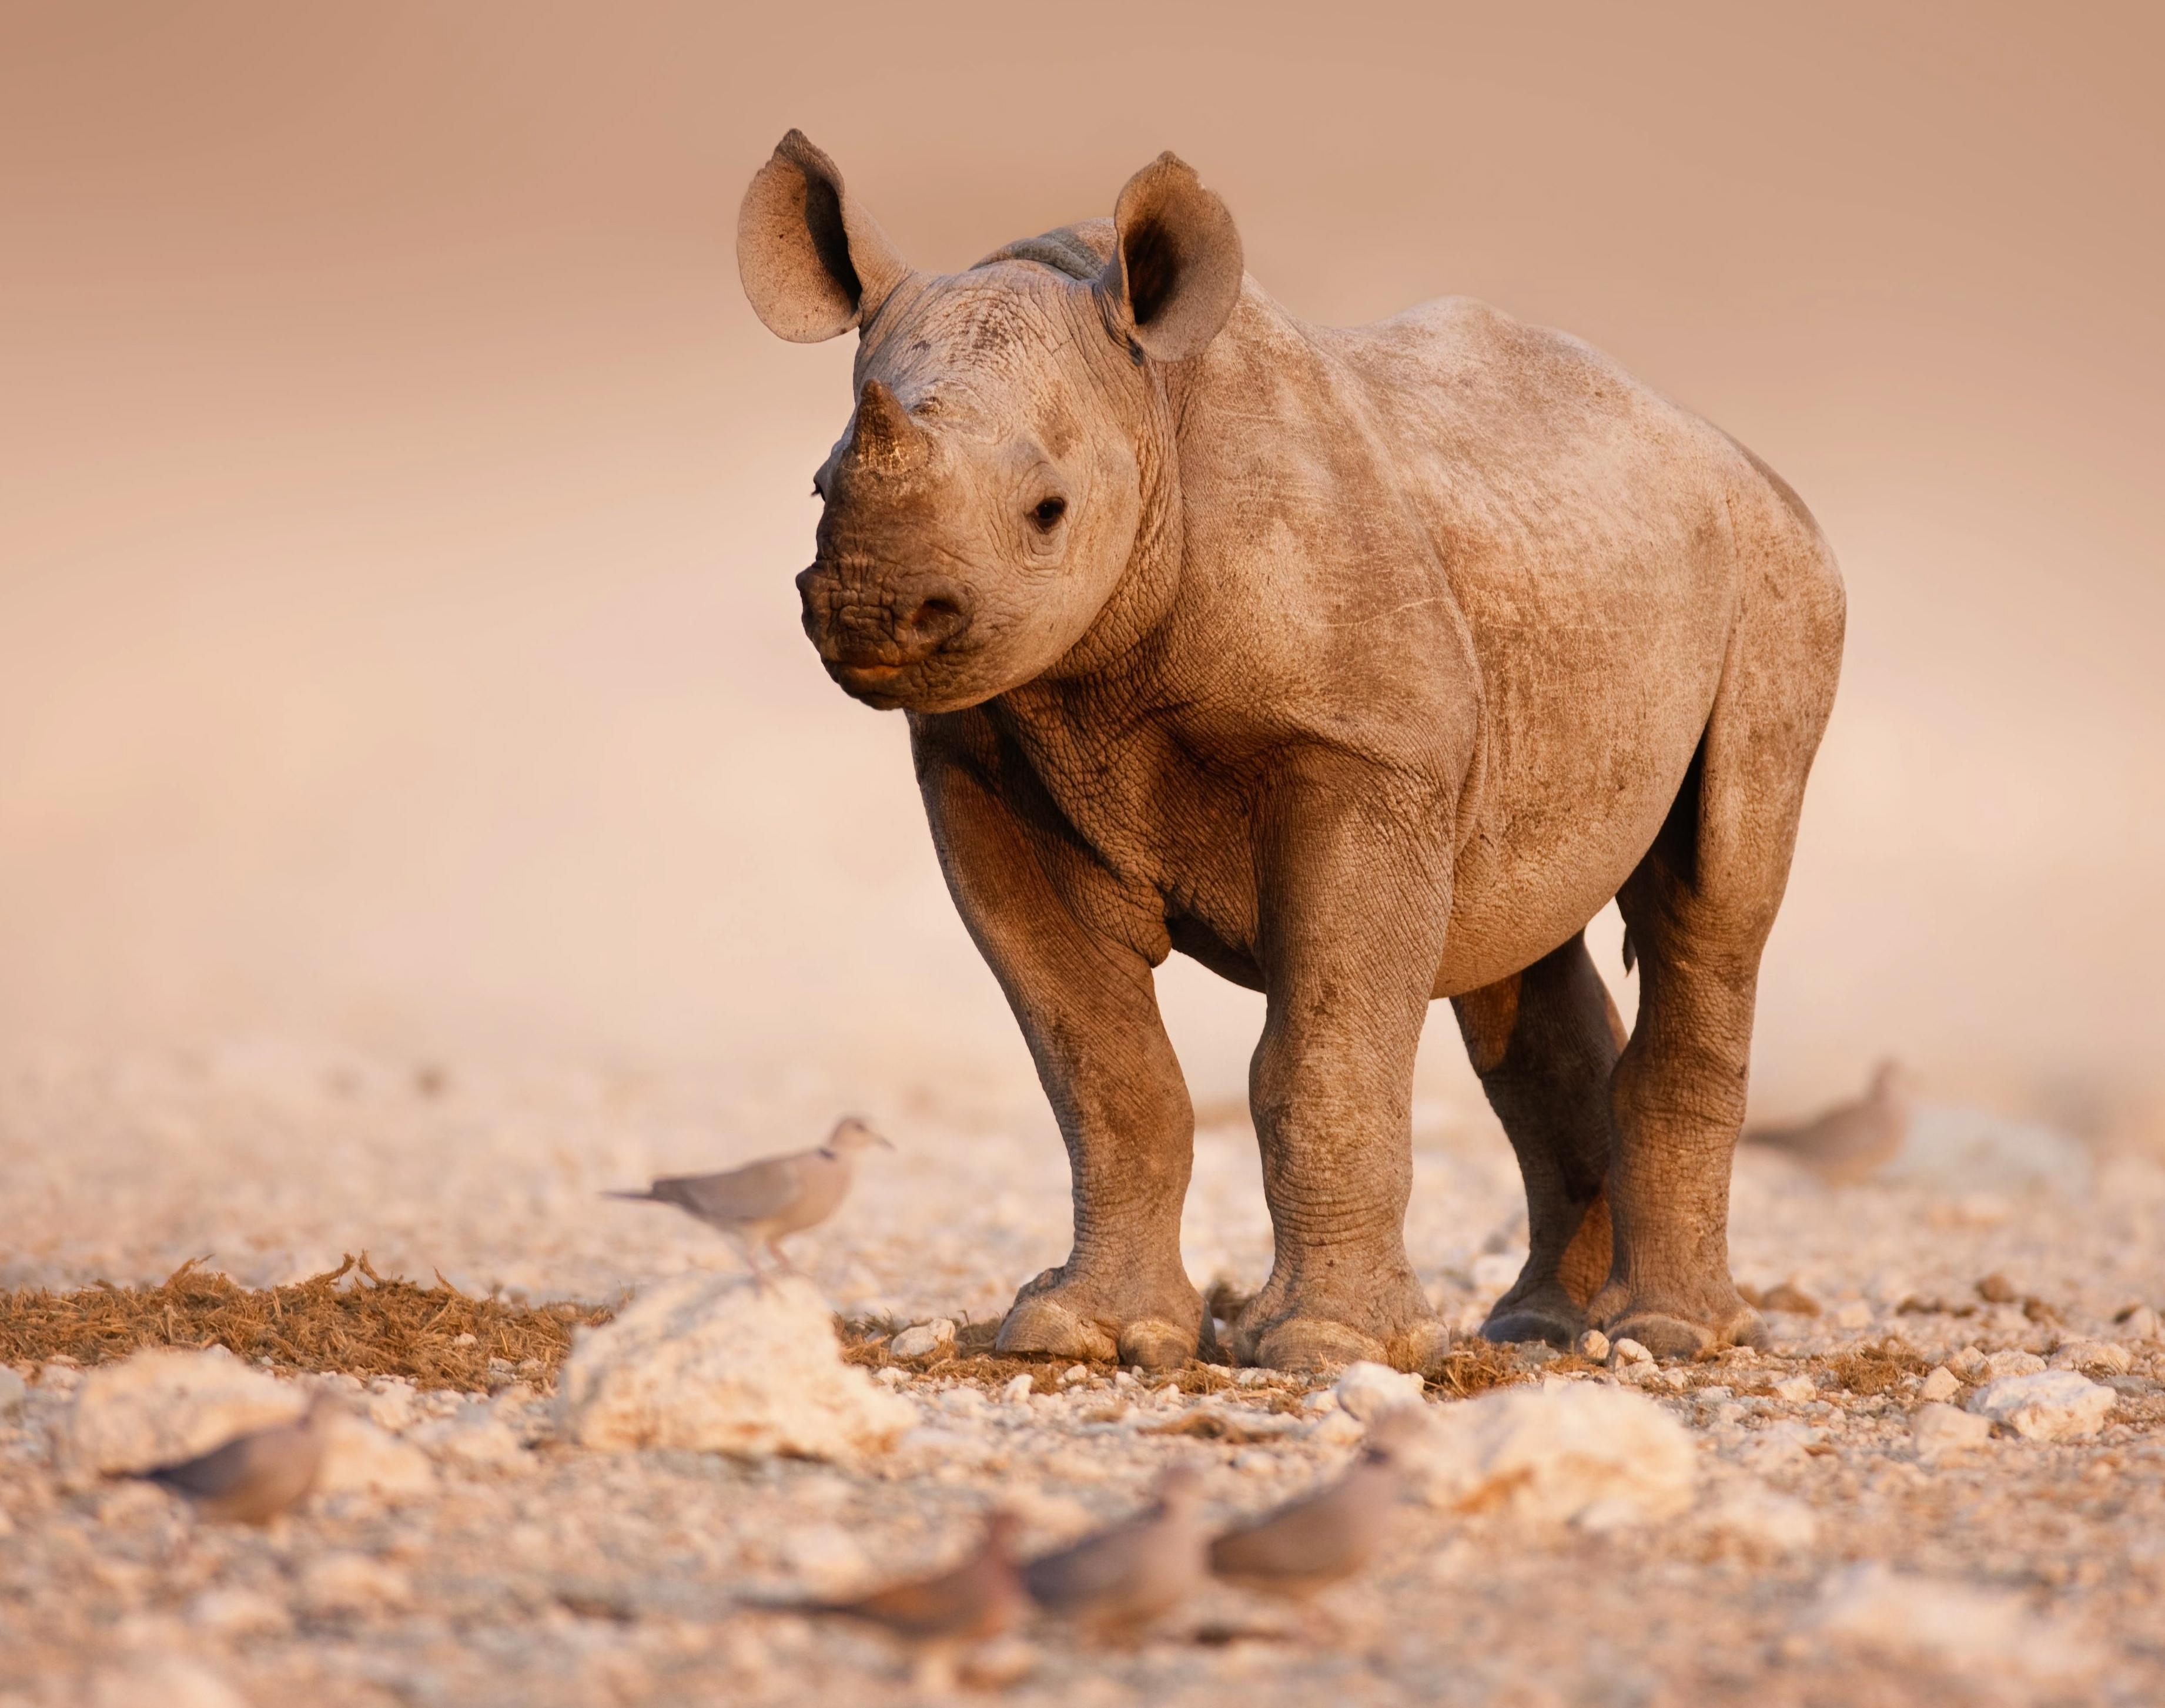 Javan rhino baby